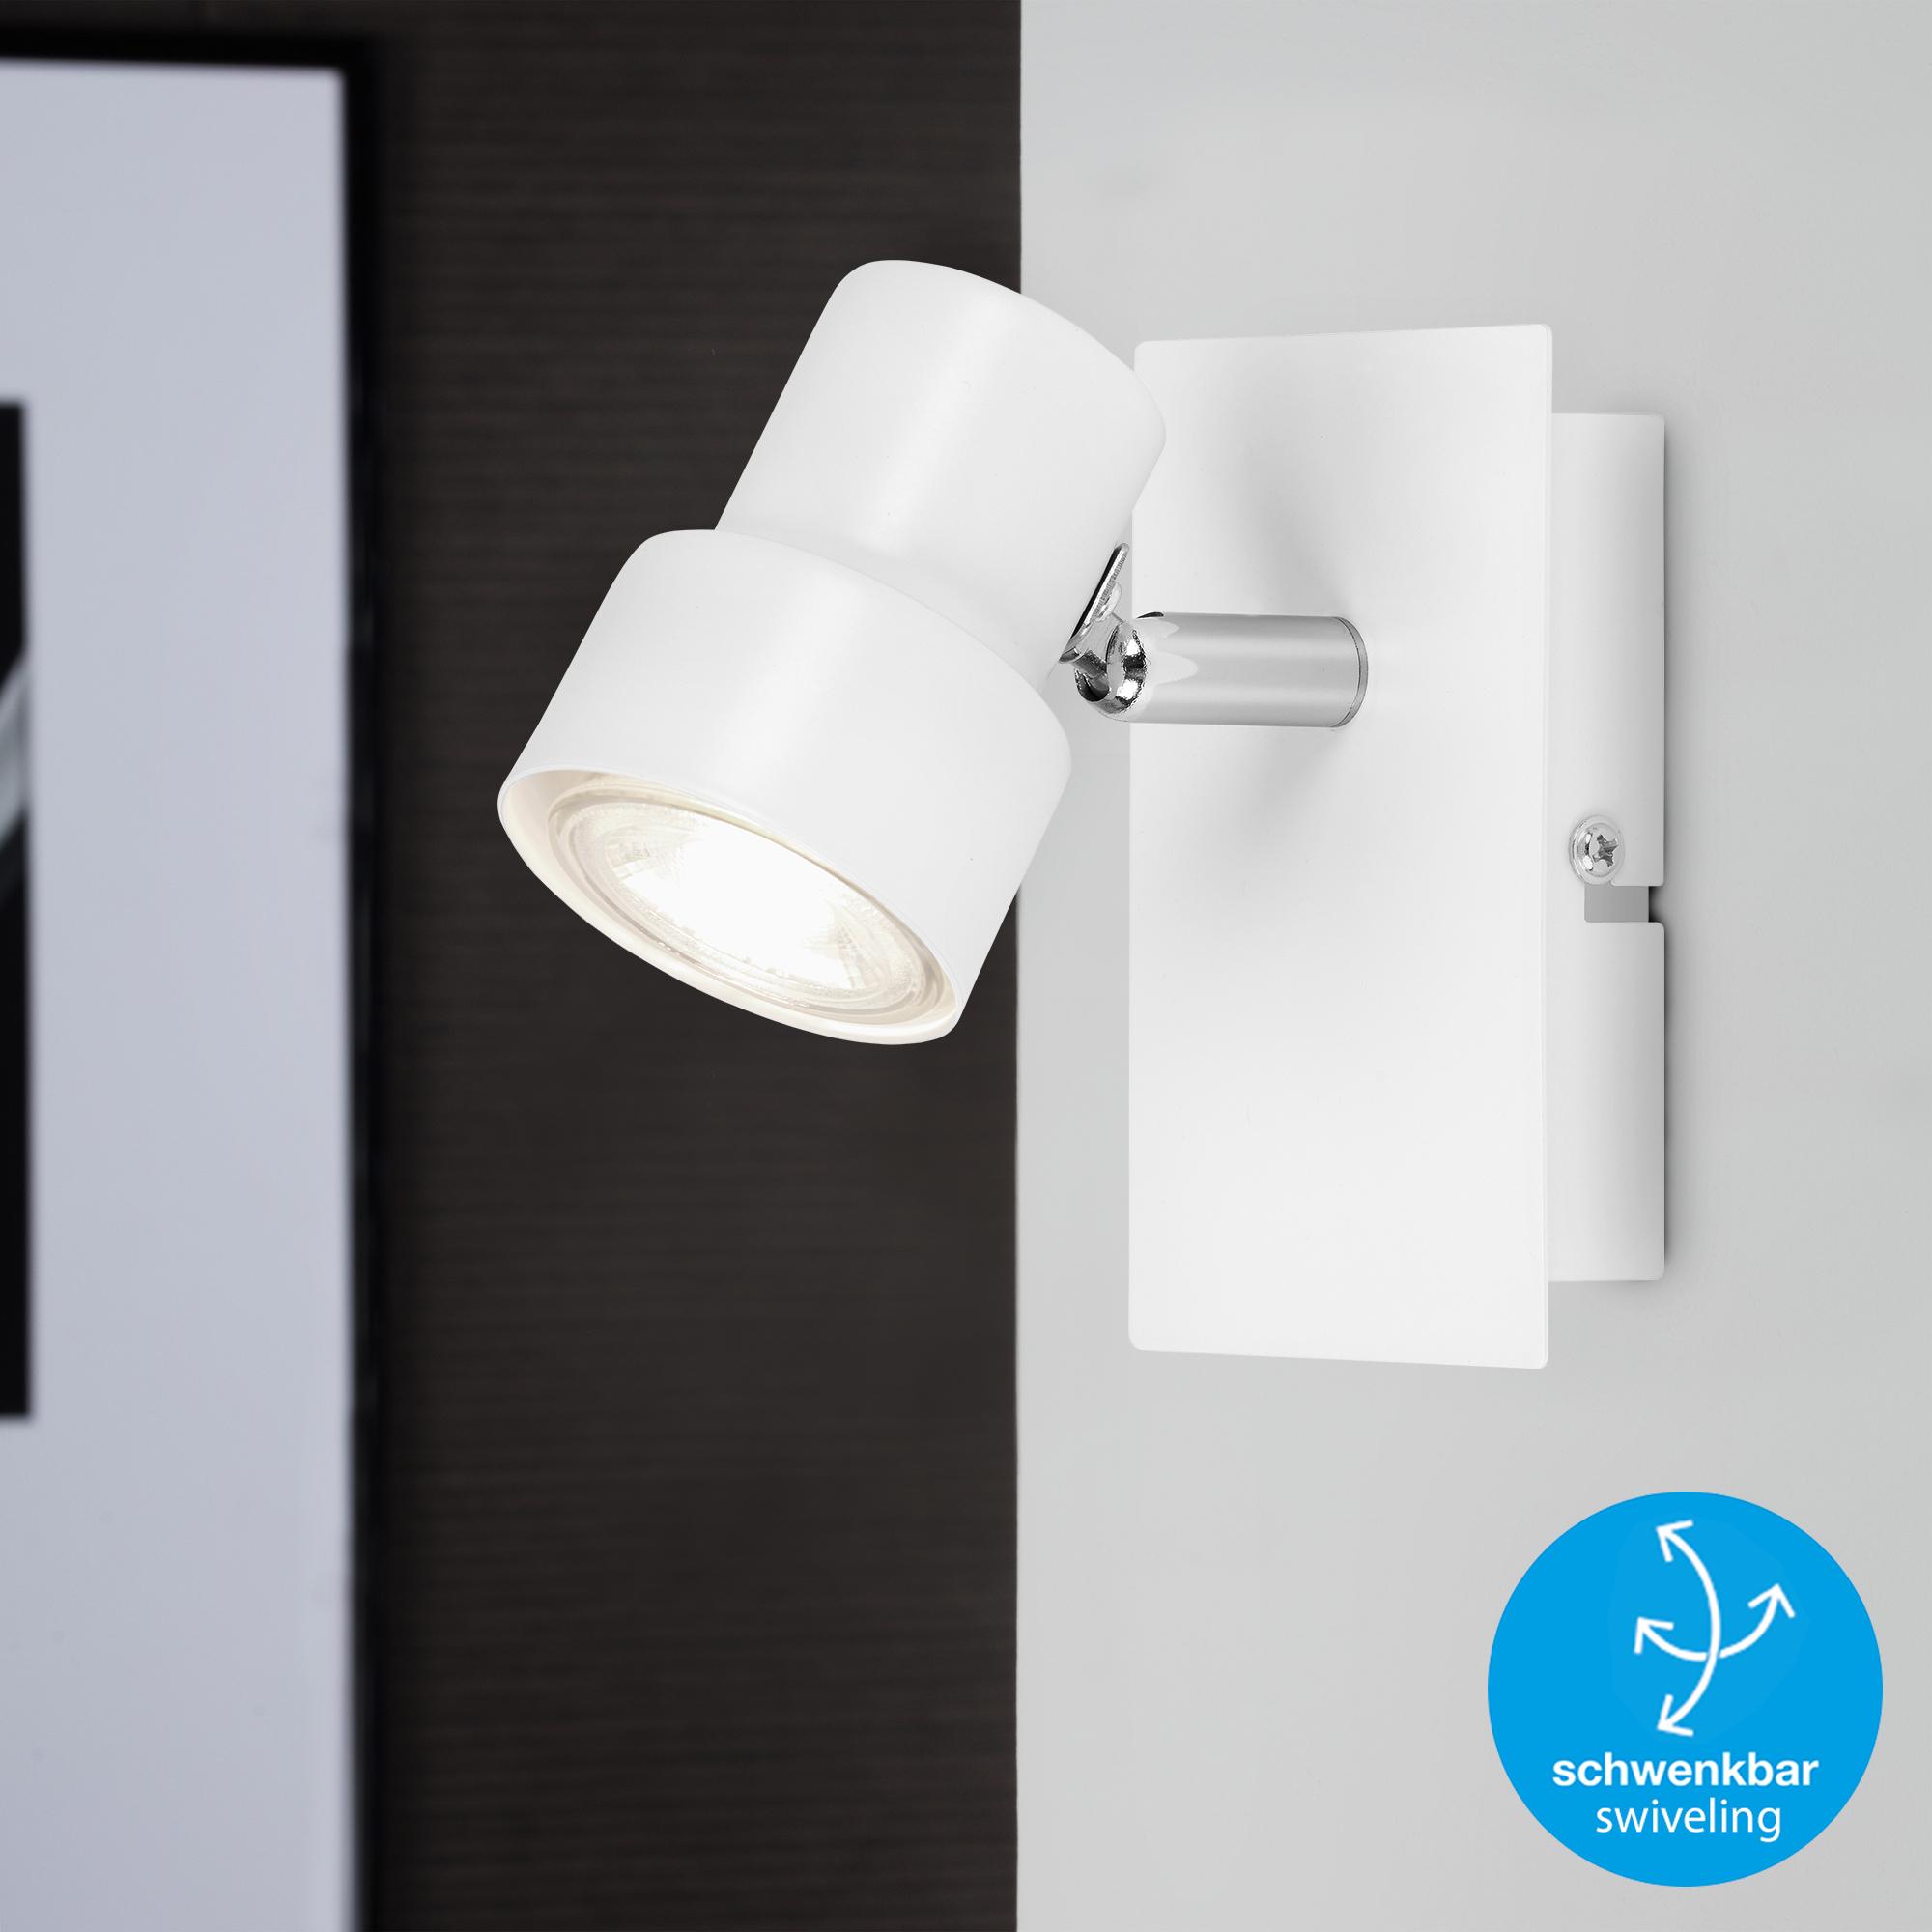 LED Spot Wand- und Deckenleuchte Weiß